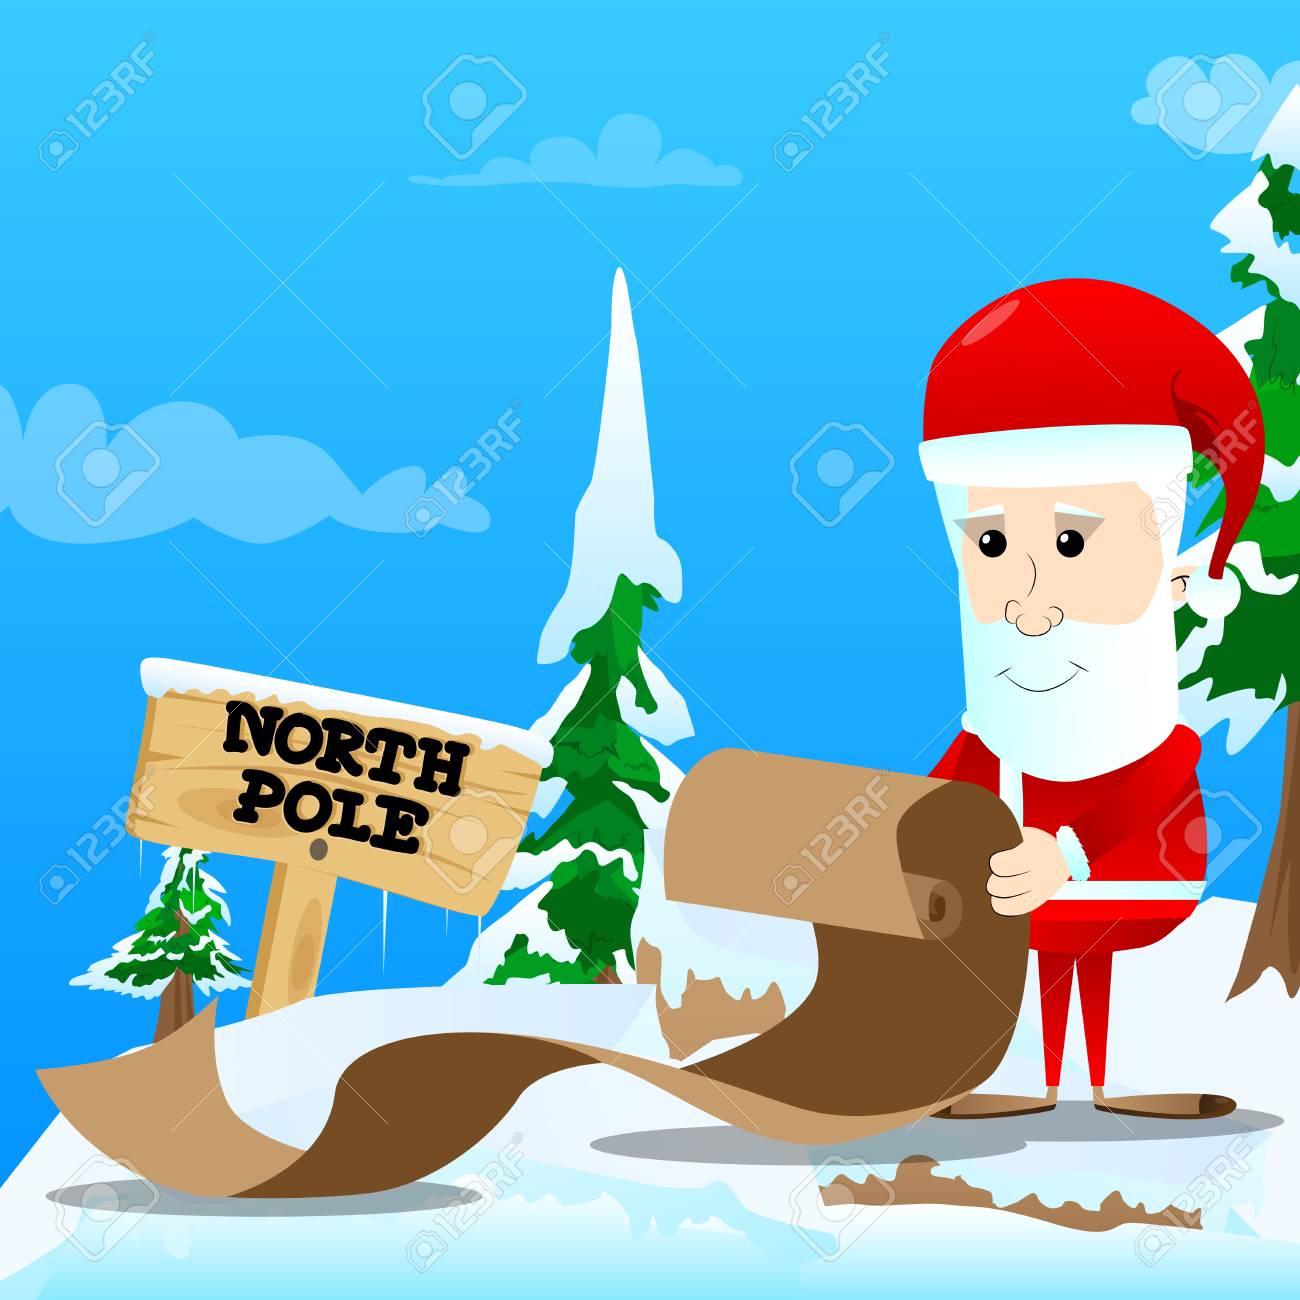 Le Père Noël Tenant Un Long Papier, Une Lettre De Noël, Une Liste De  Souhaits, Une Liste Coquine Ou Sympathique. Illustration Du Personnage De  Dessin dedans Papier Lettre De Noel